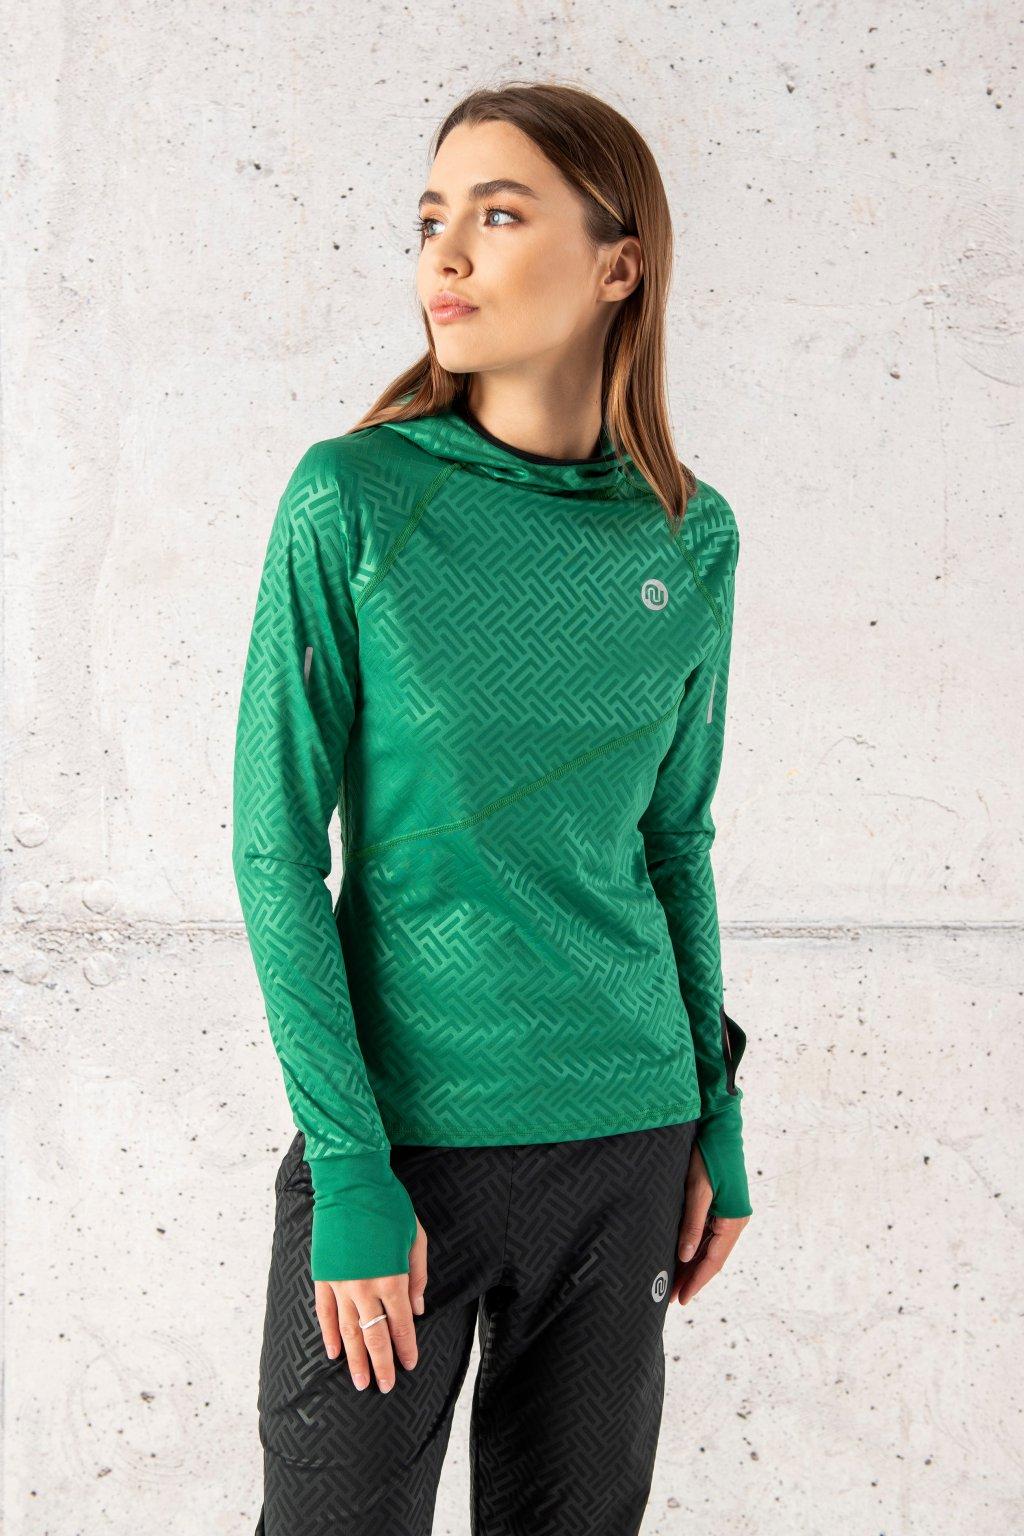 Mikina s kapucí a průstřihem na sporttester shiny 2 green lbk 1250t 1